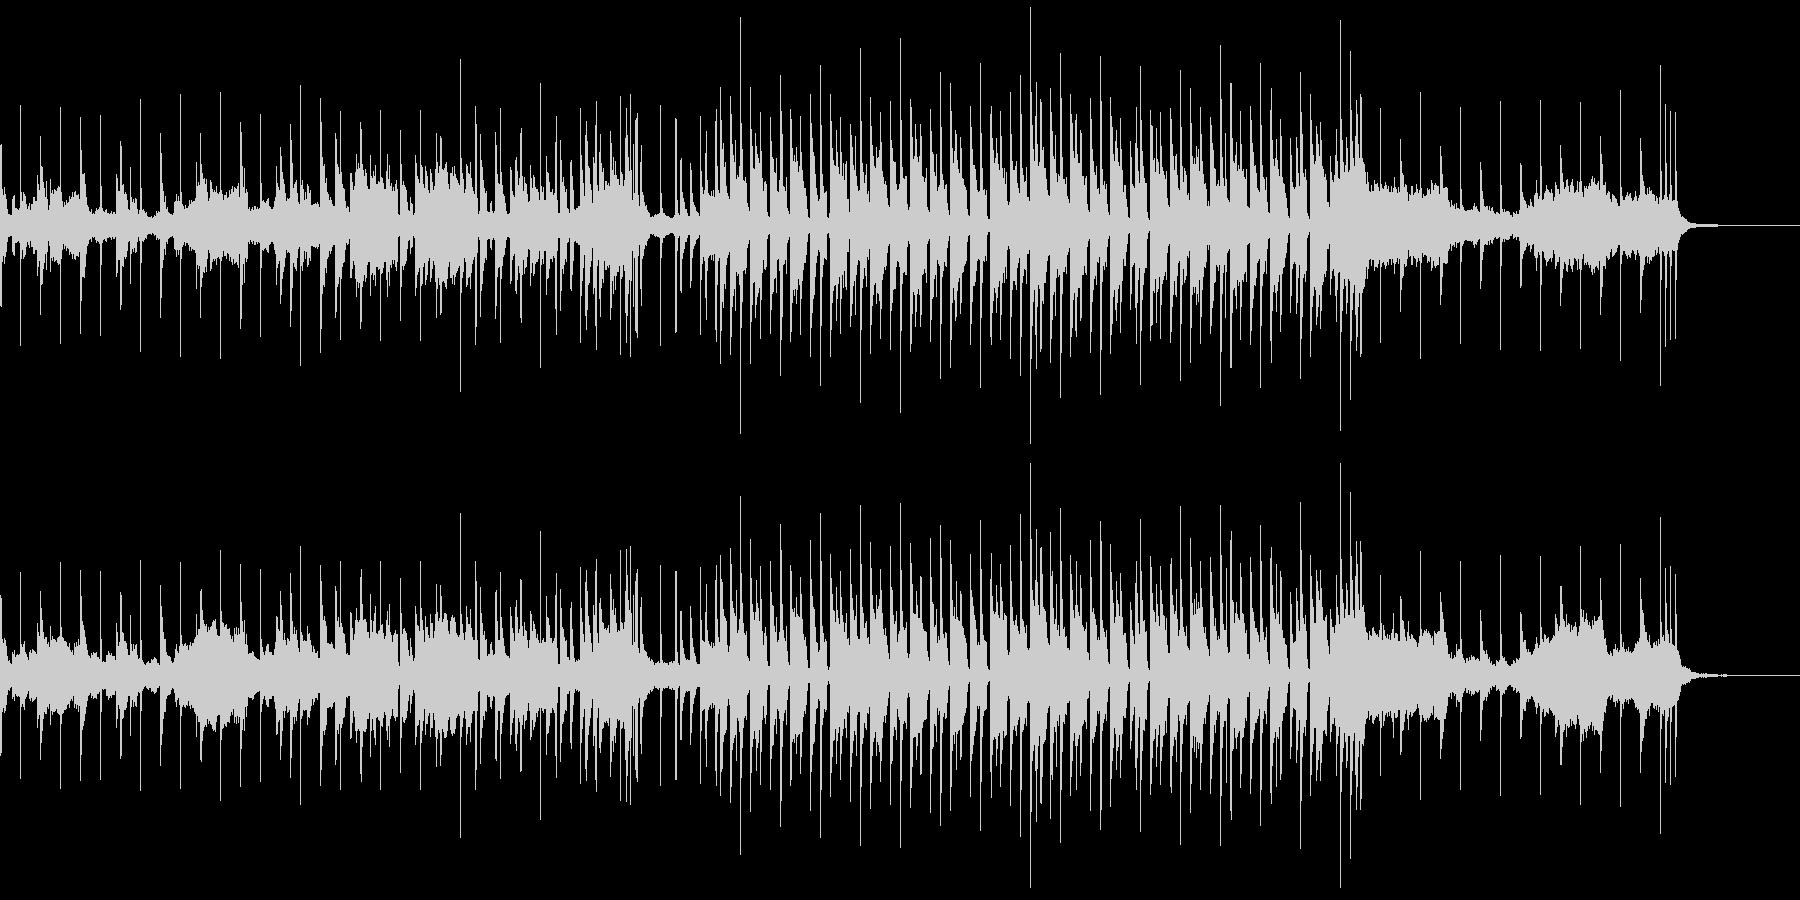 浮遊感のあるJAZZソウルサックスBGMの未再生の波形